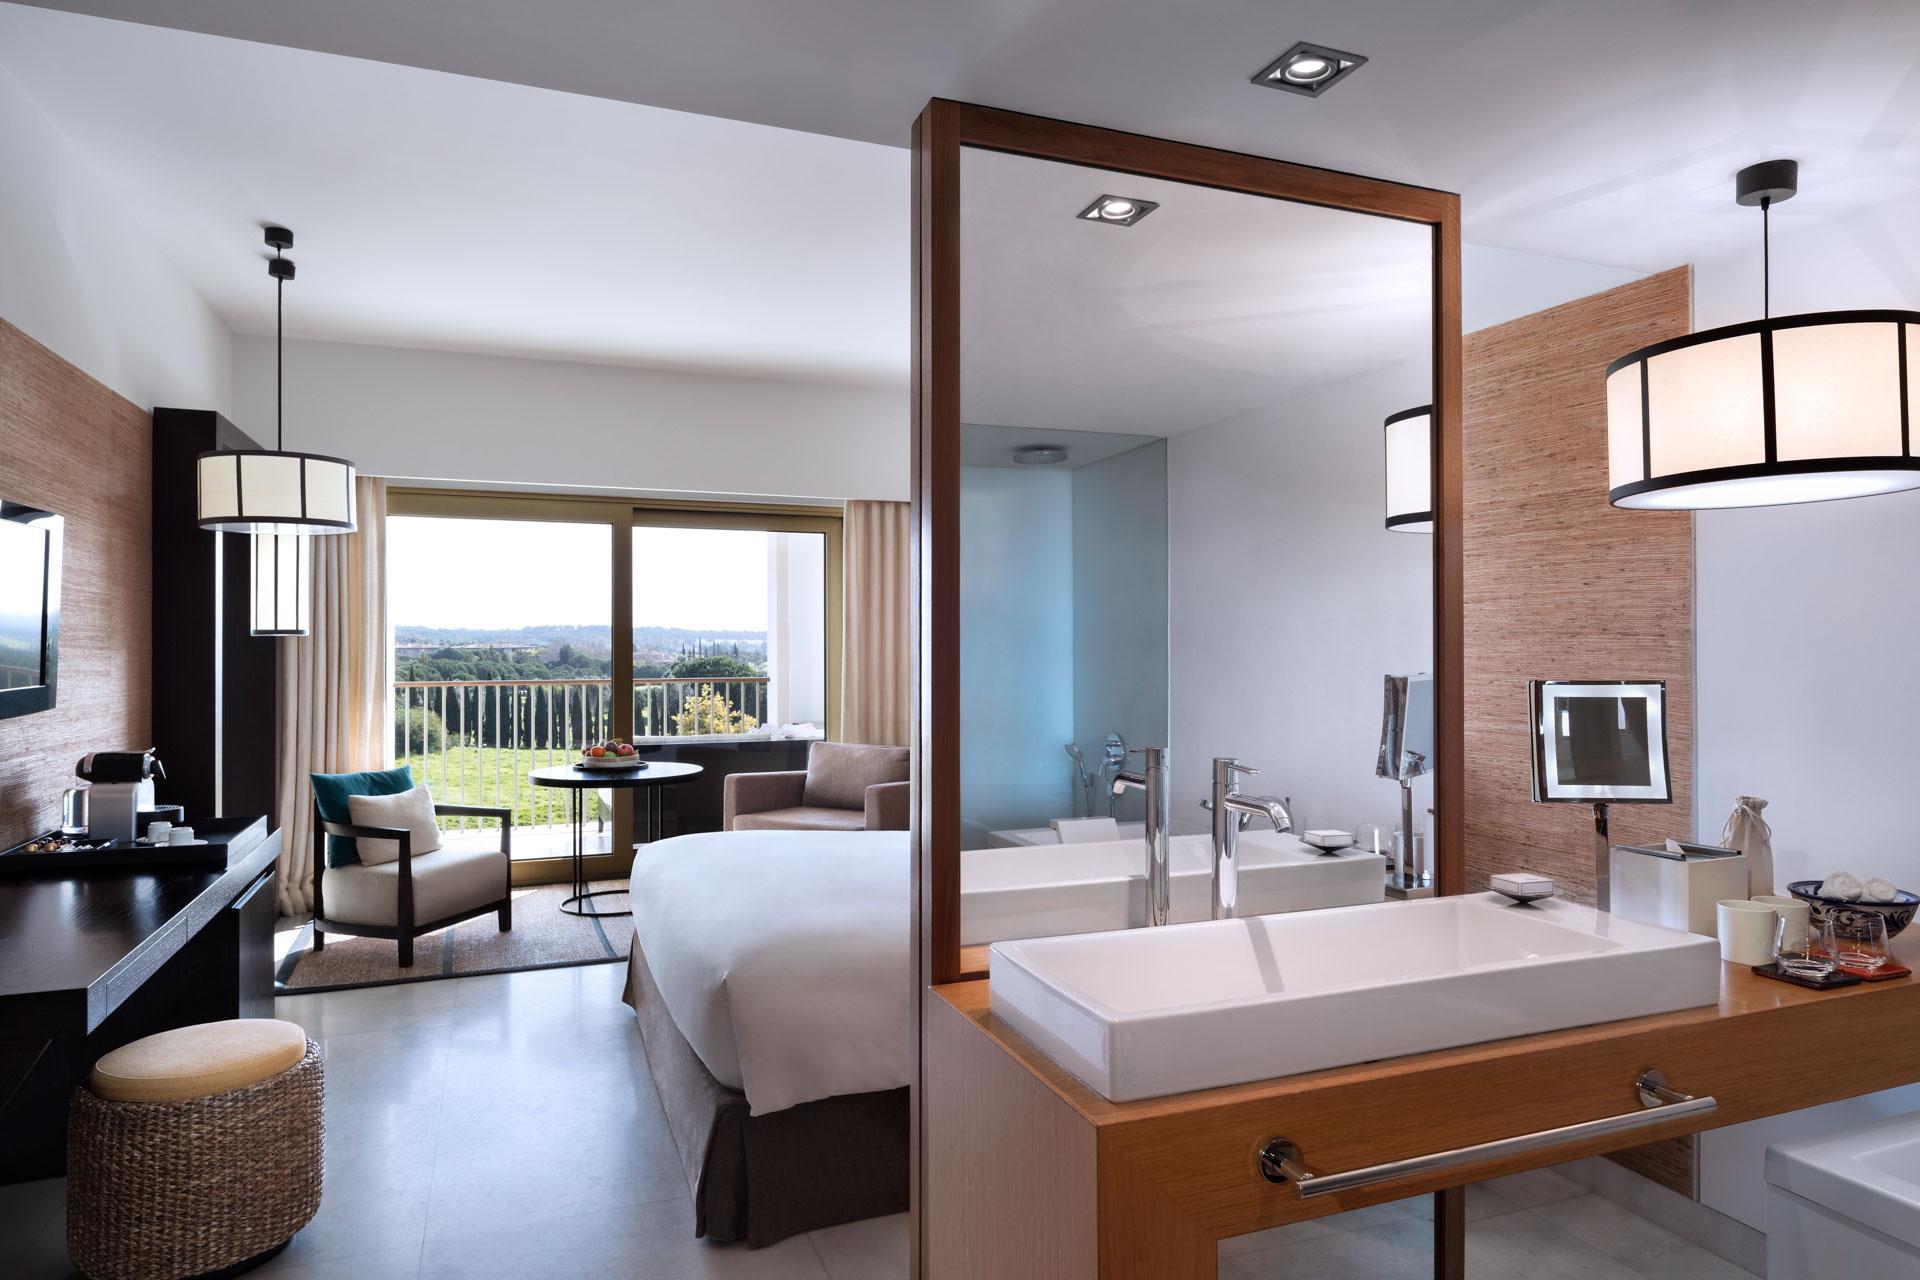 Dans les chambres et suites, le design est sobre, le confort maximal